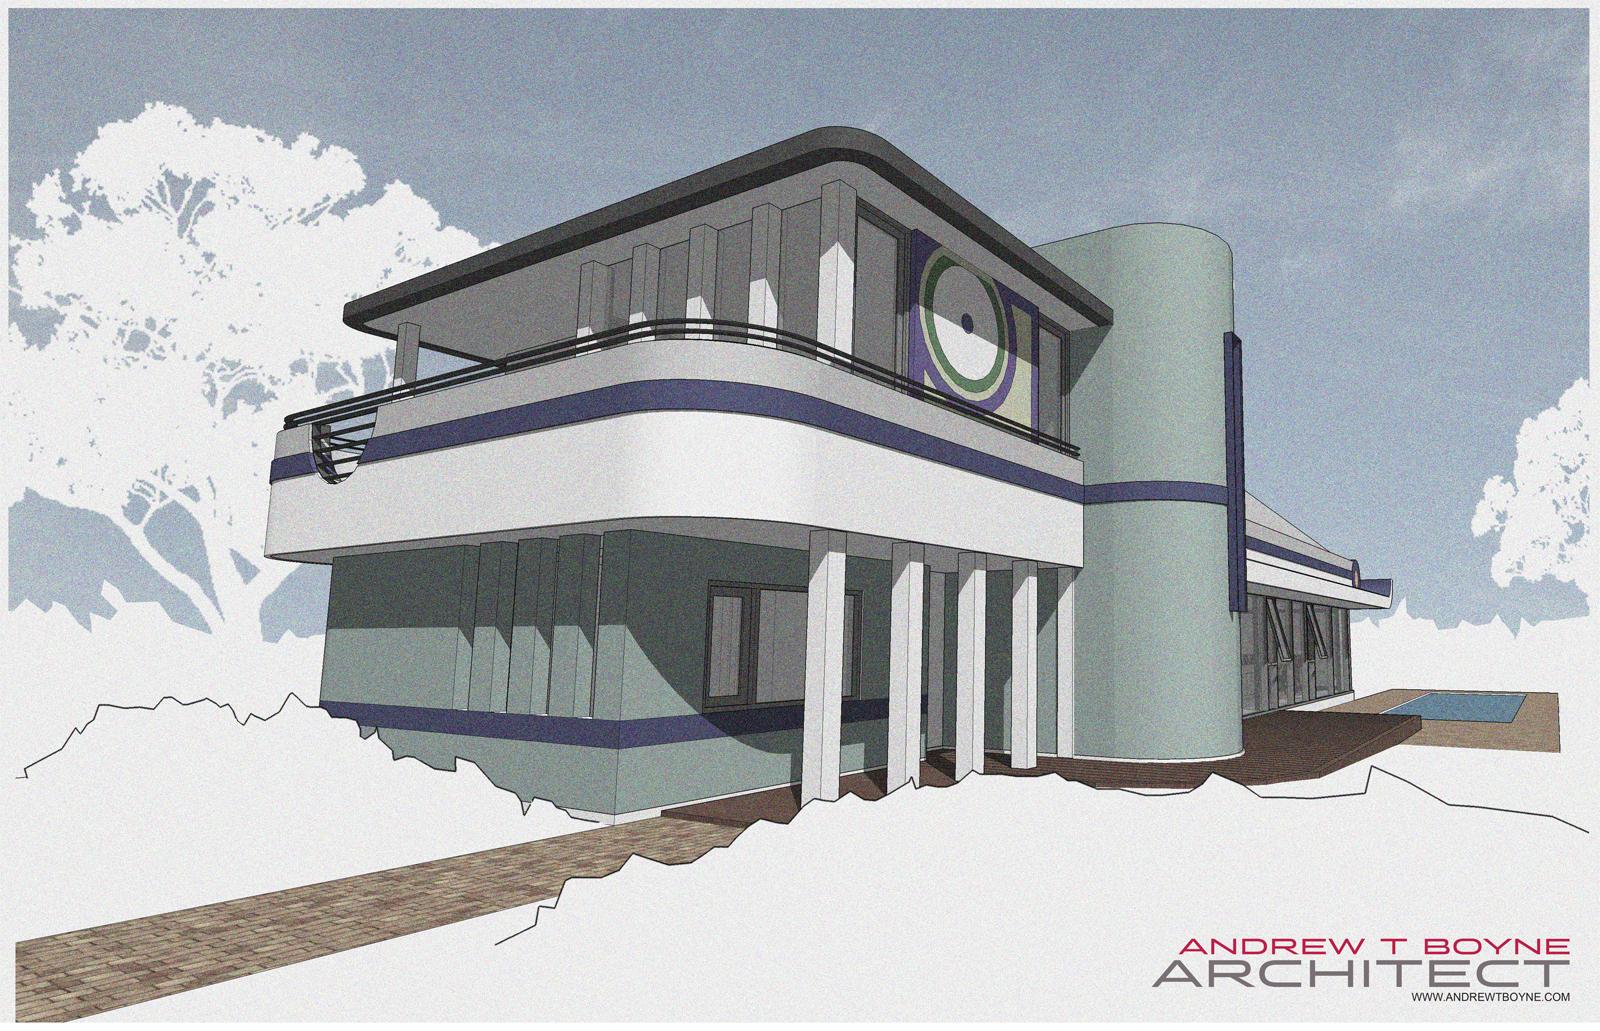 Art-Deco - Andrew Boyne Architect